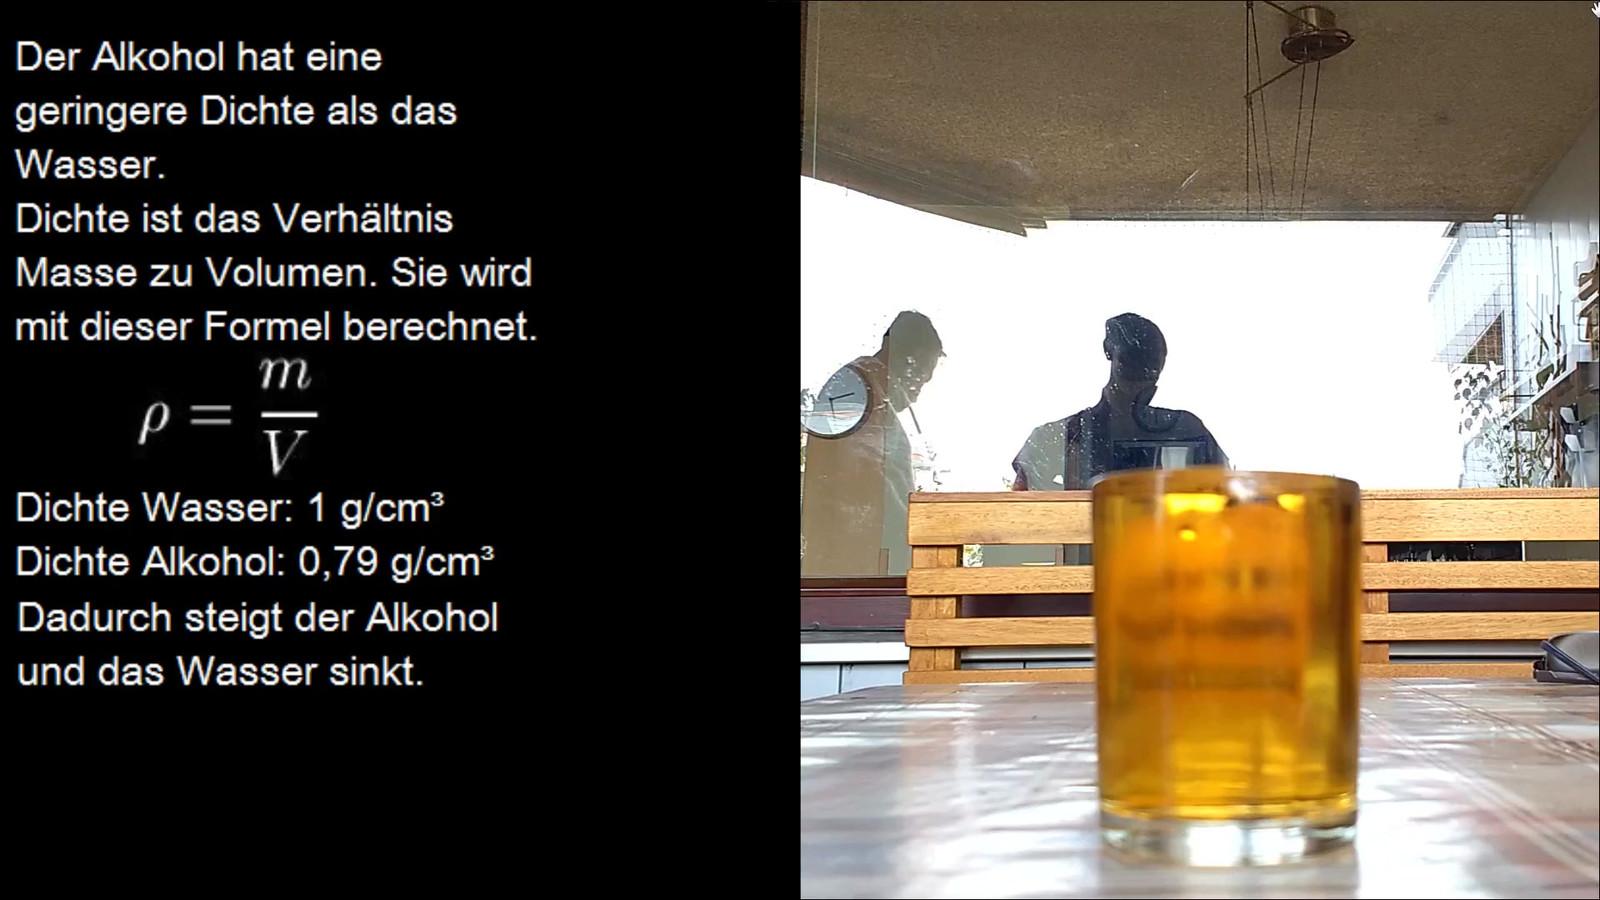 dichte von alkohol